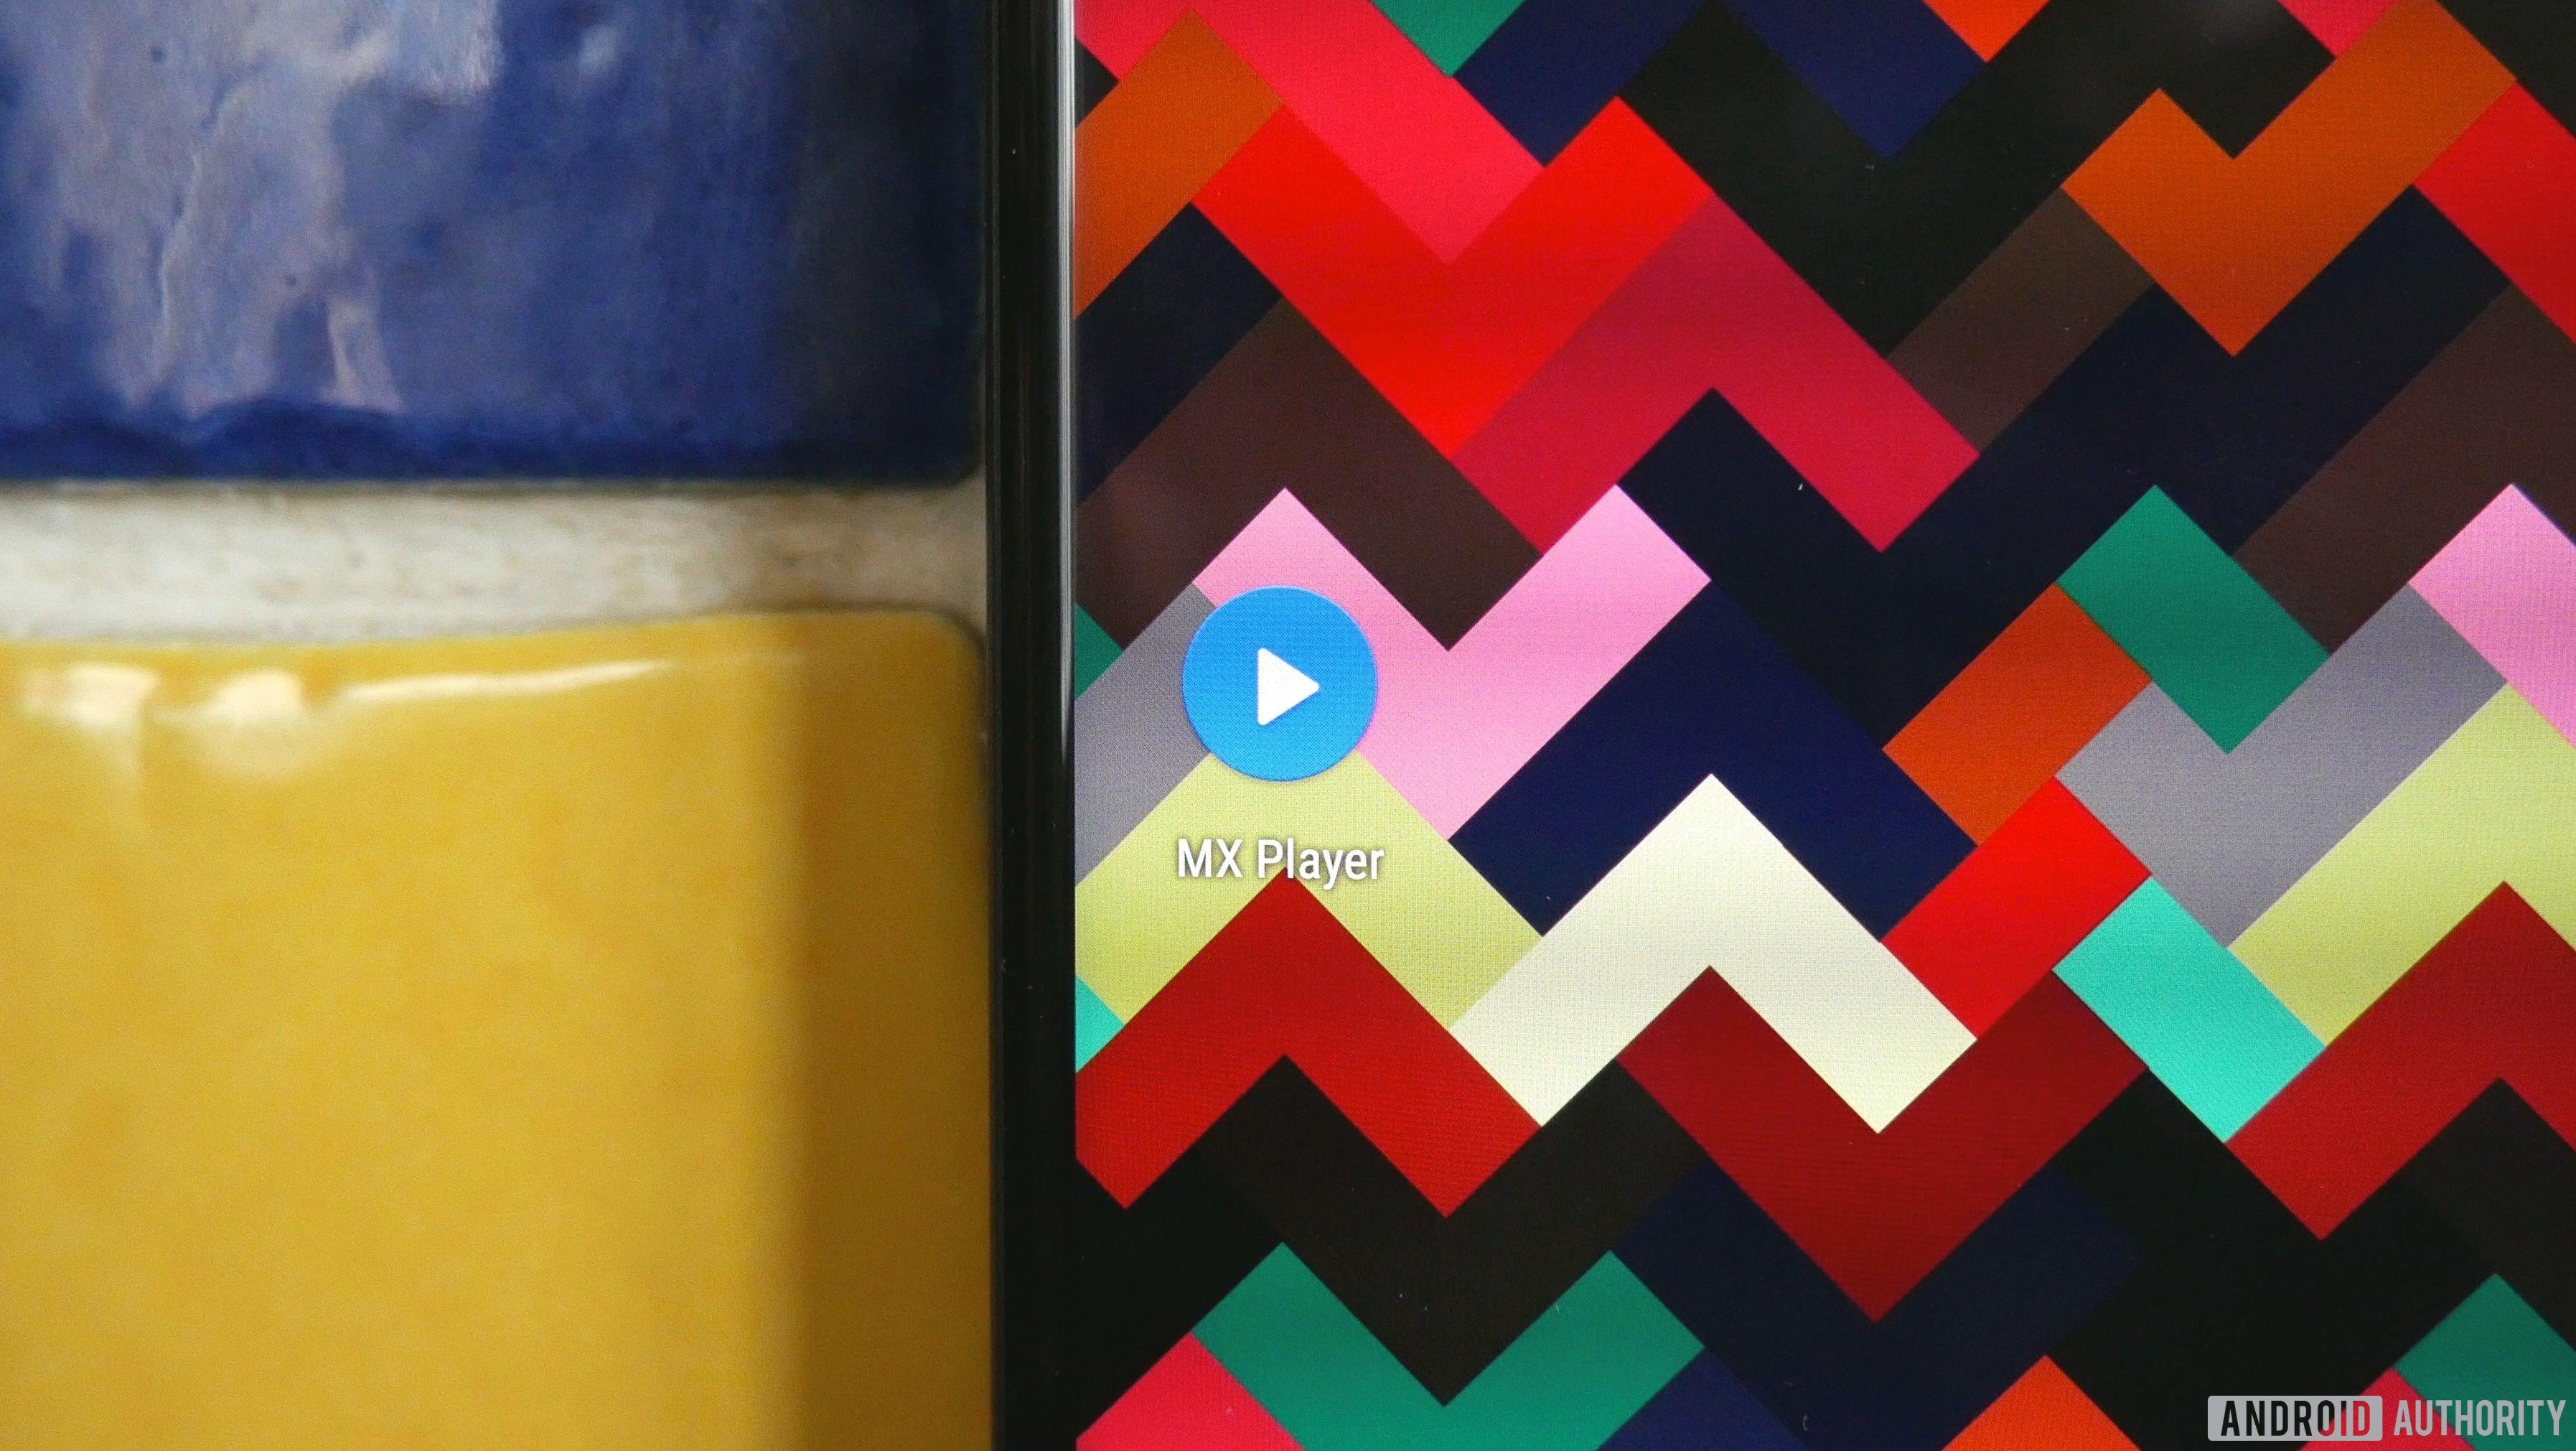 MX Player app on a Google Pixel 2 XL phone